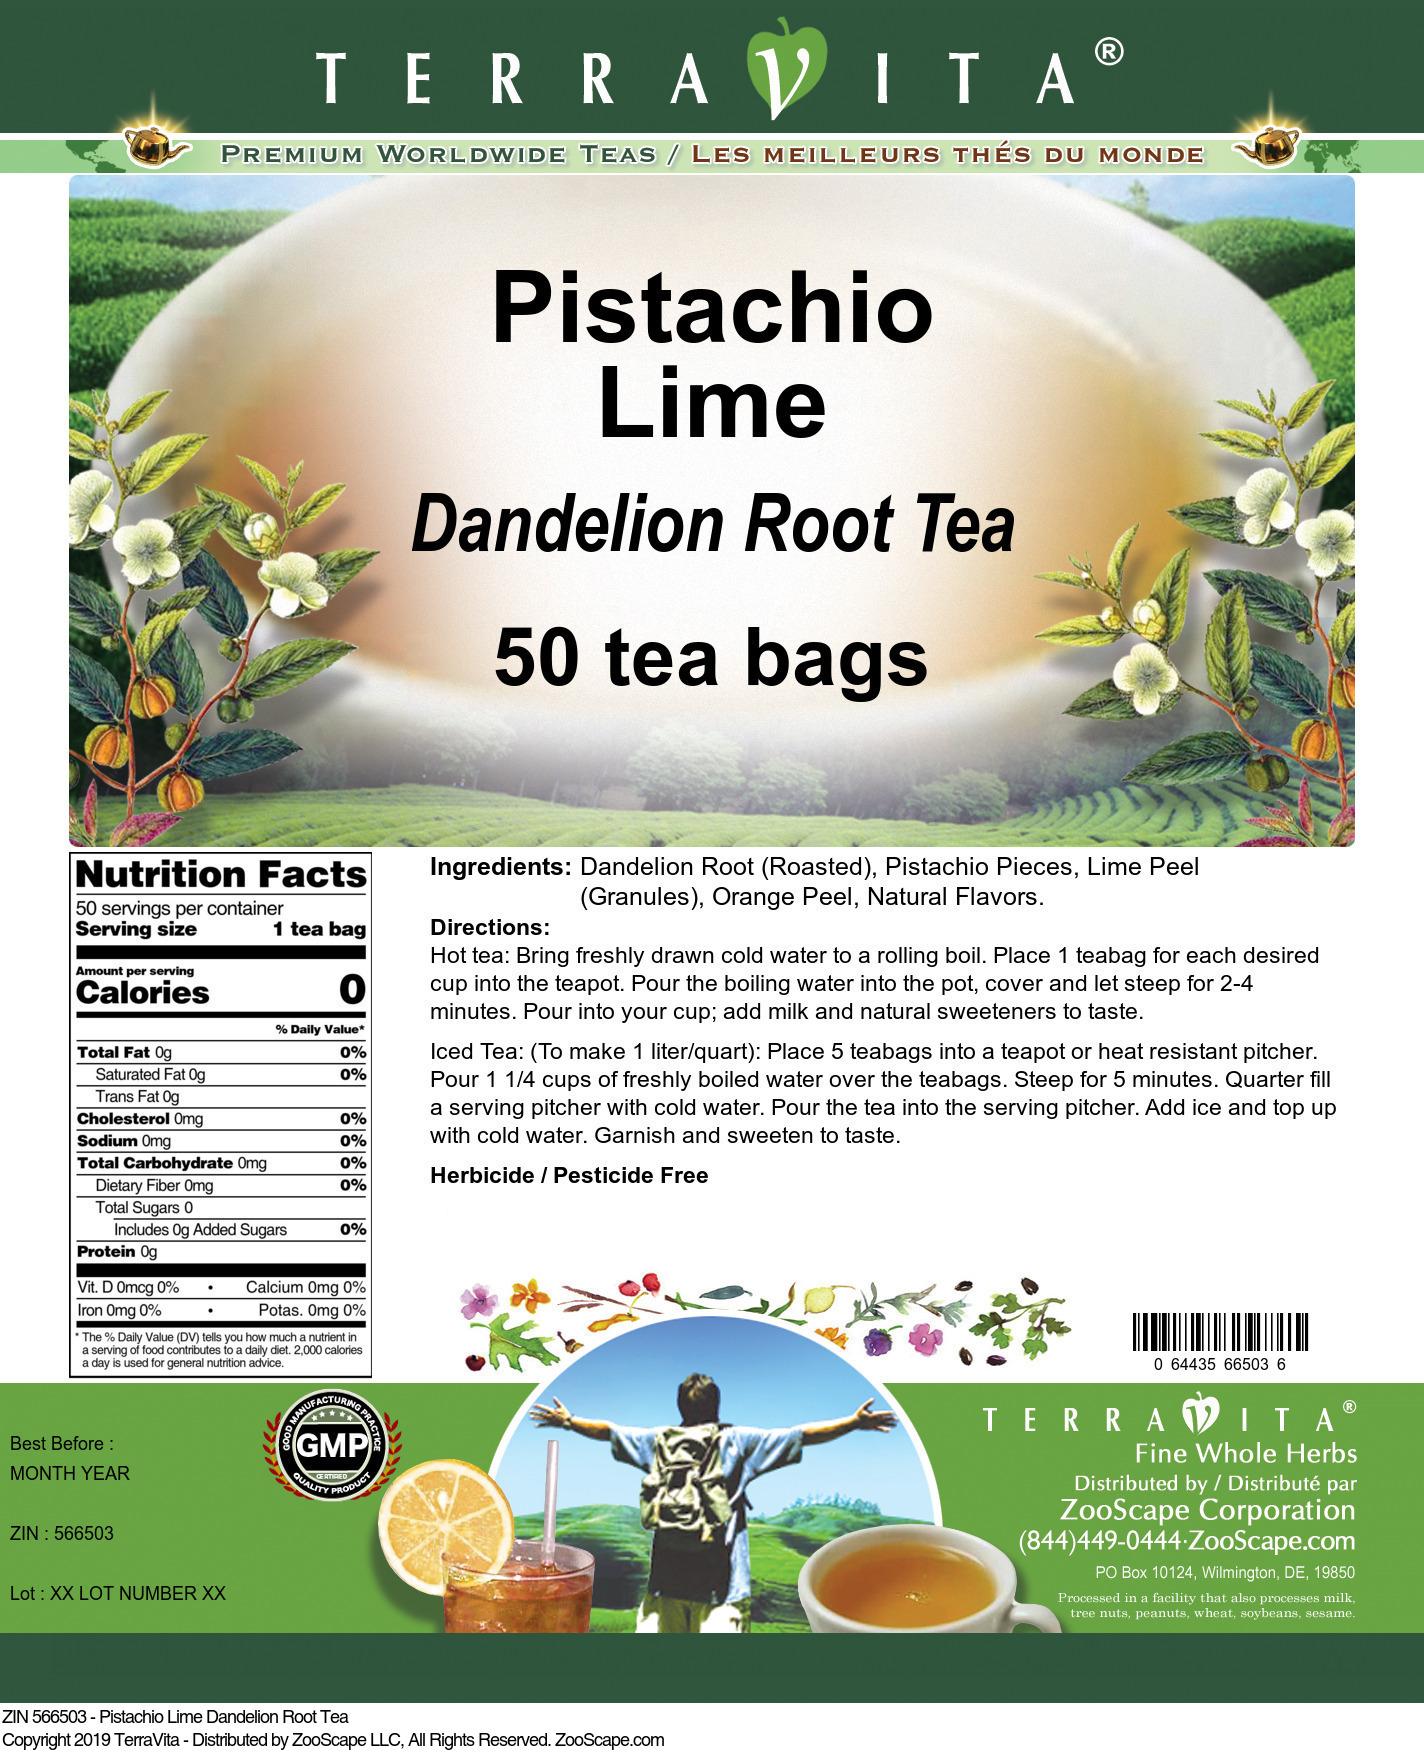 Pistachio Lime Dandelion Root Tea